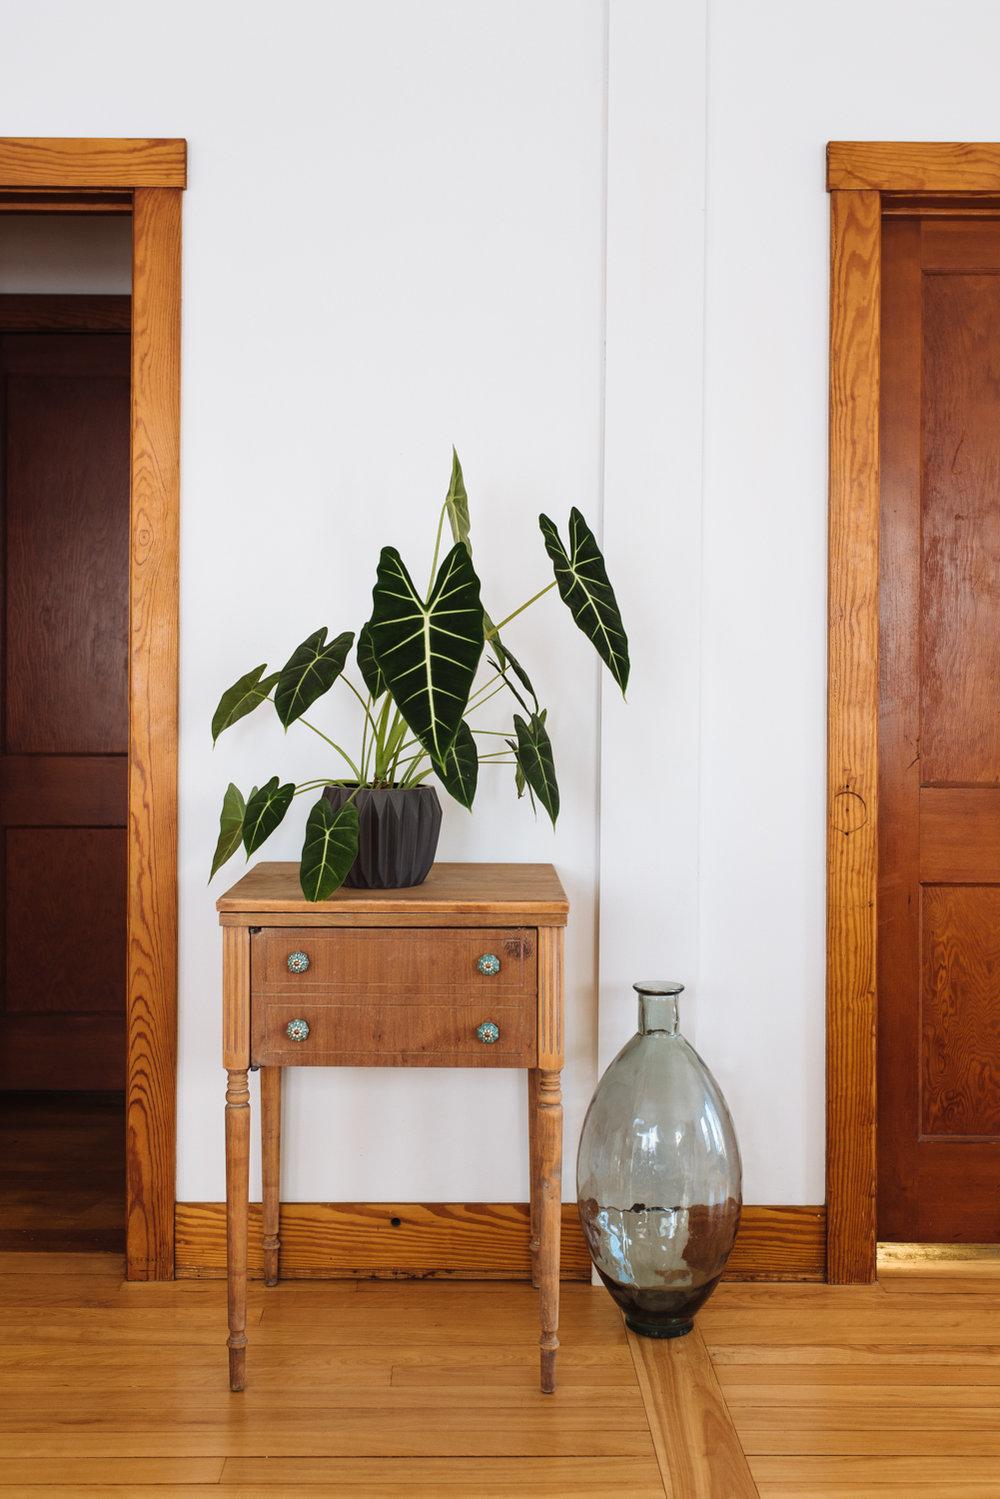 plant-on-stand-glass-vase-©-Elisabeth-Waller-44.jpg